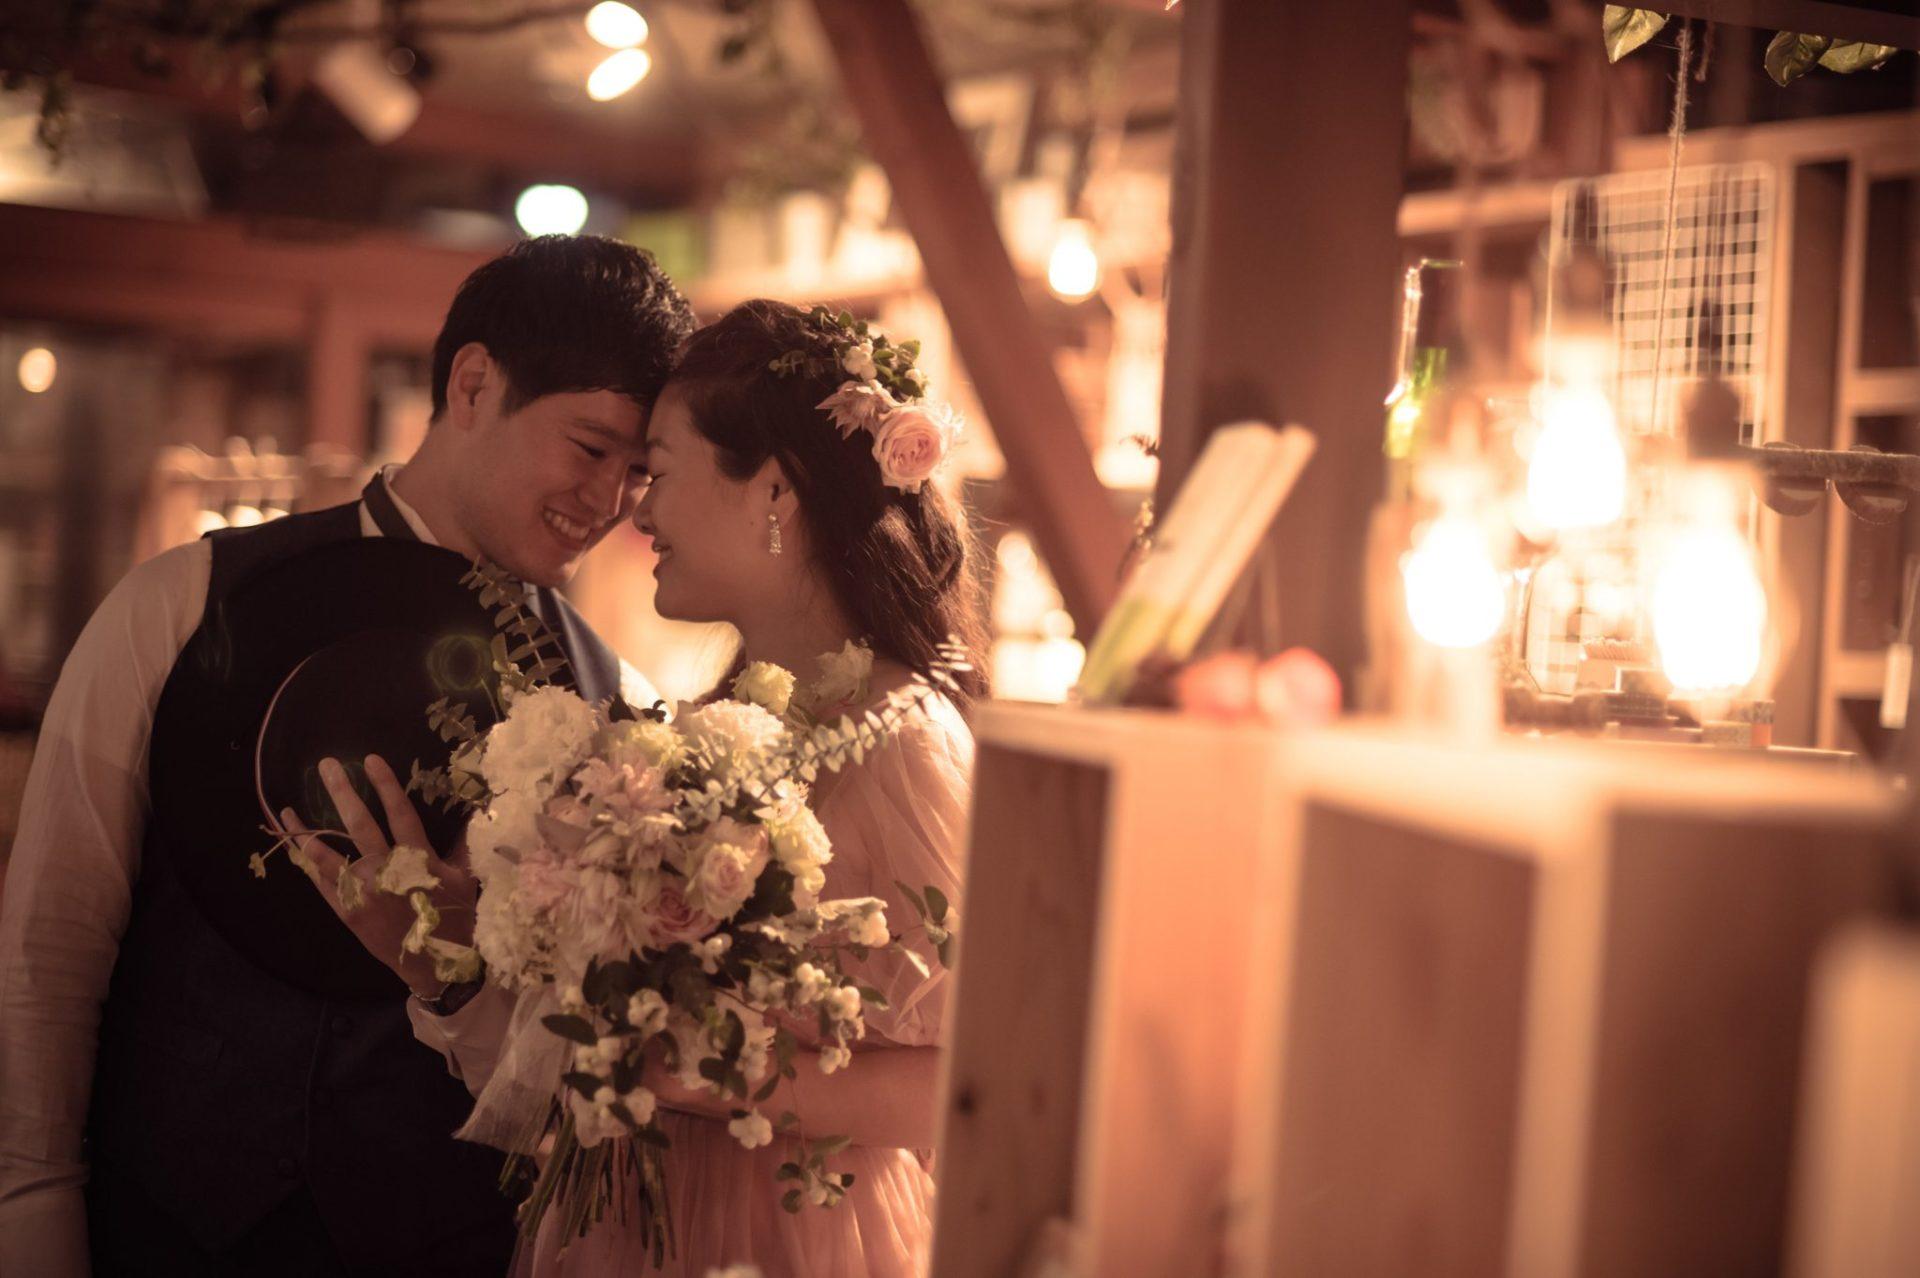 べるが(verga)での結婚式-笑顔